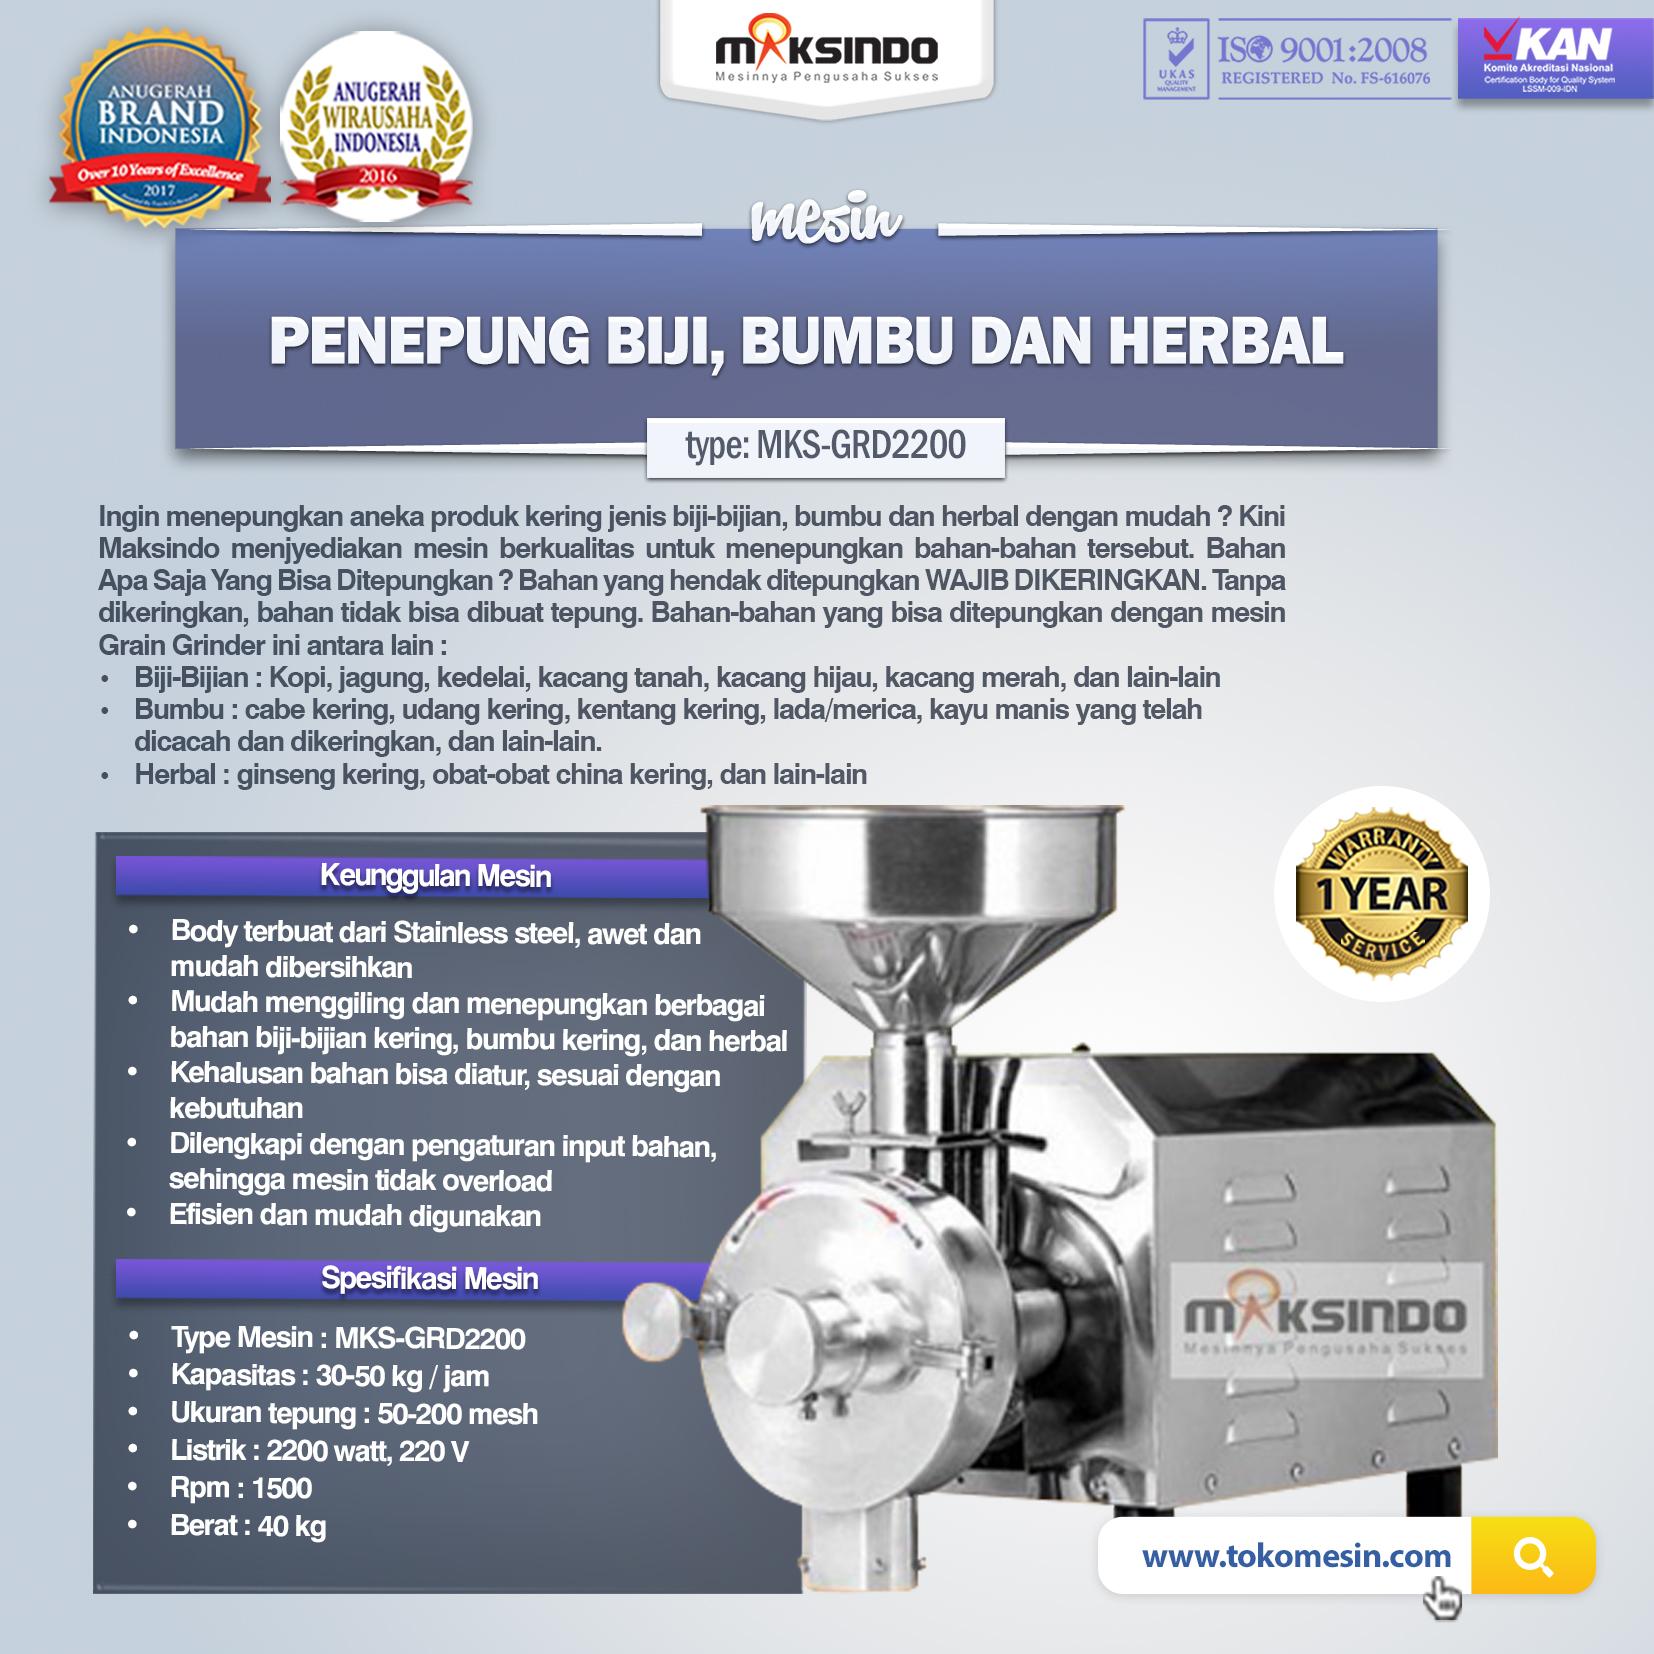 Jual Penepung Biji, Bumbu dan Herbal (GRD2200) di Medan